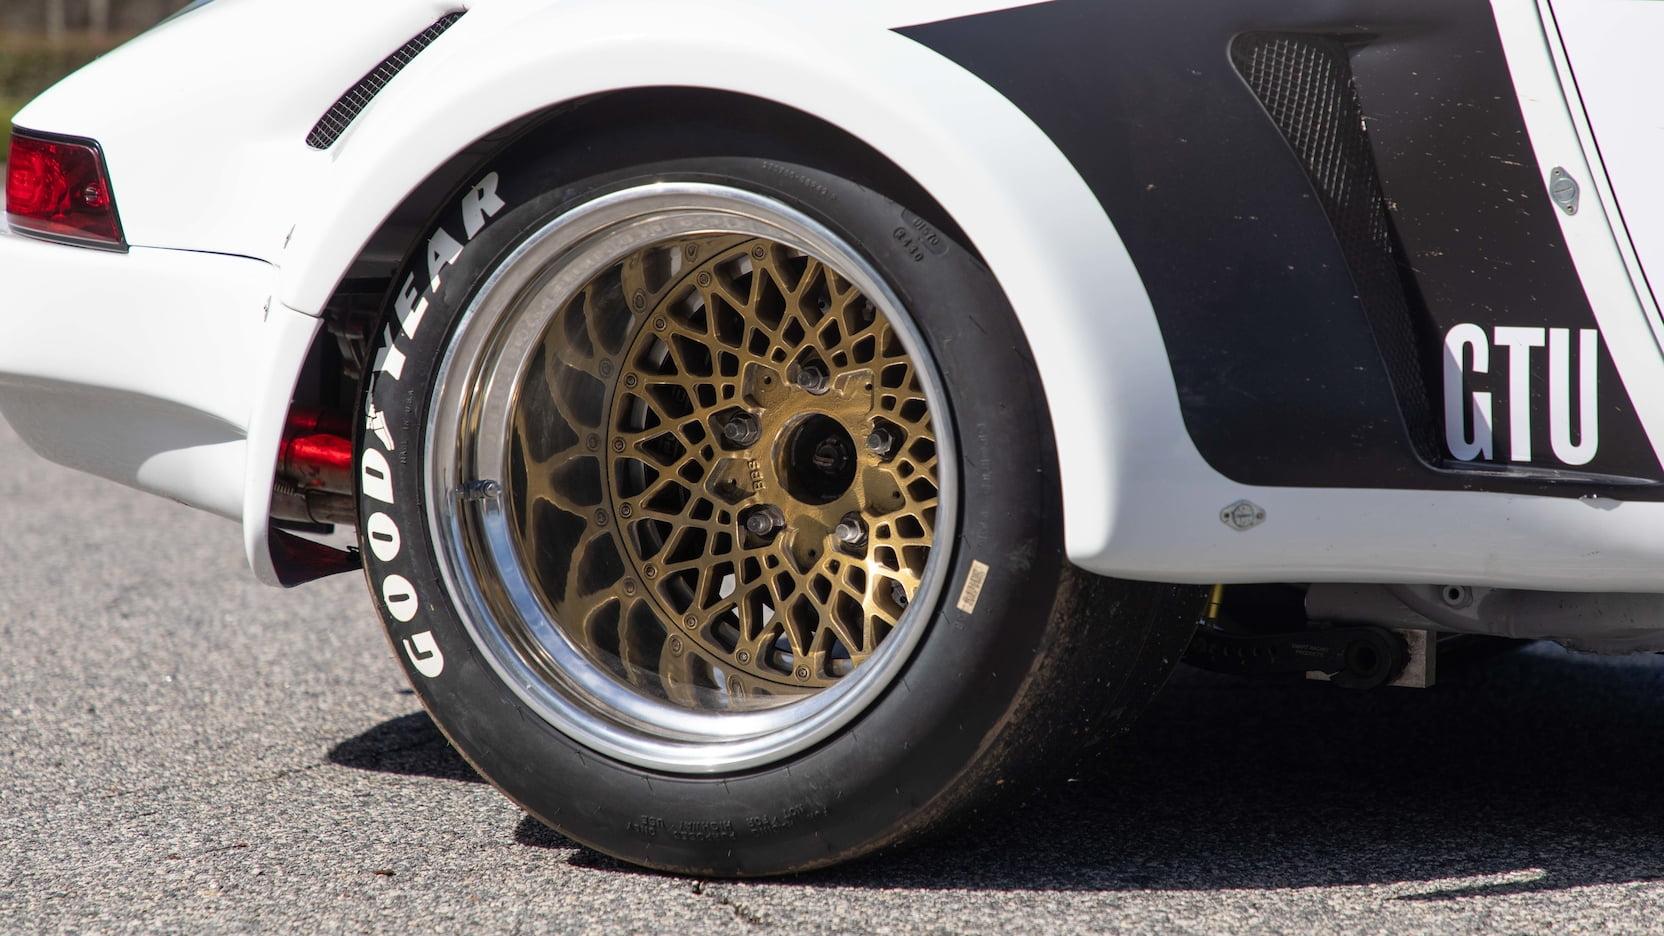 Paul Newman's 1974 Porsche 911S wheel detail